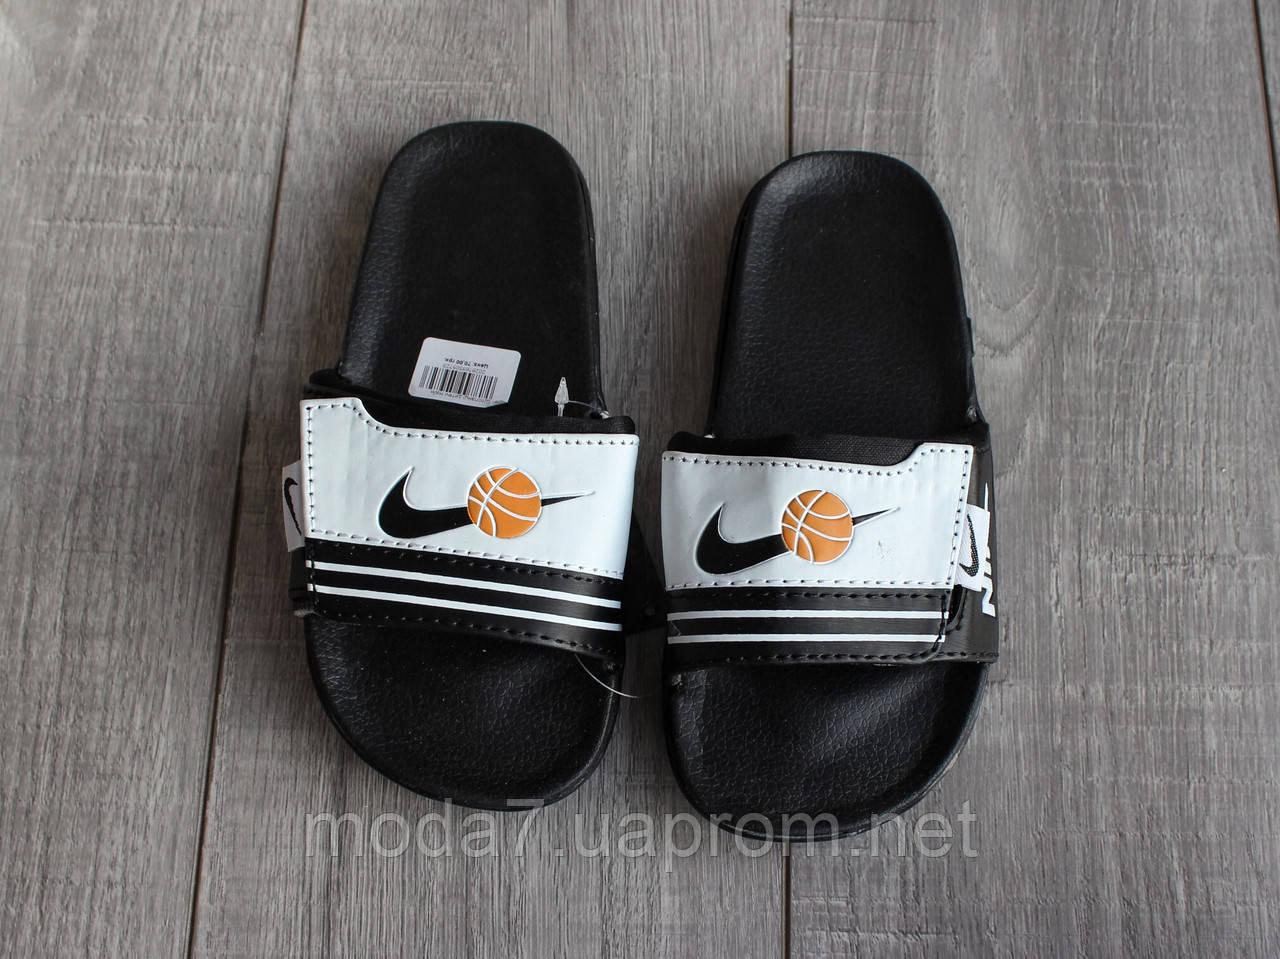 Шлепки детские Nike на мальчика черные реплика